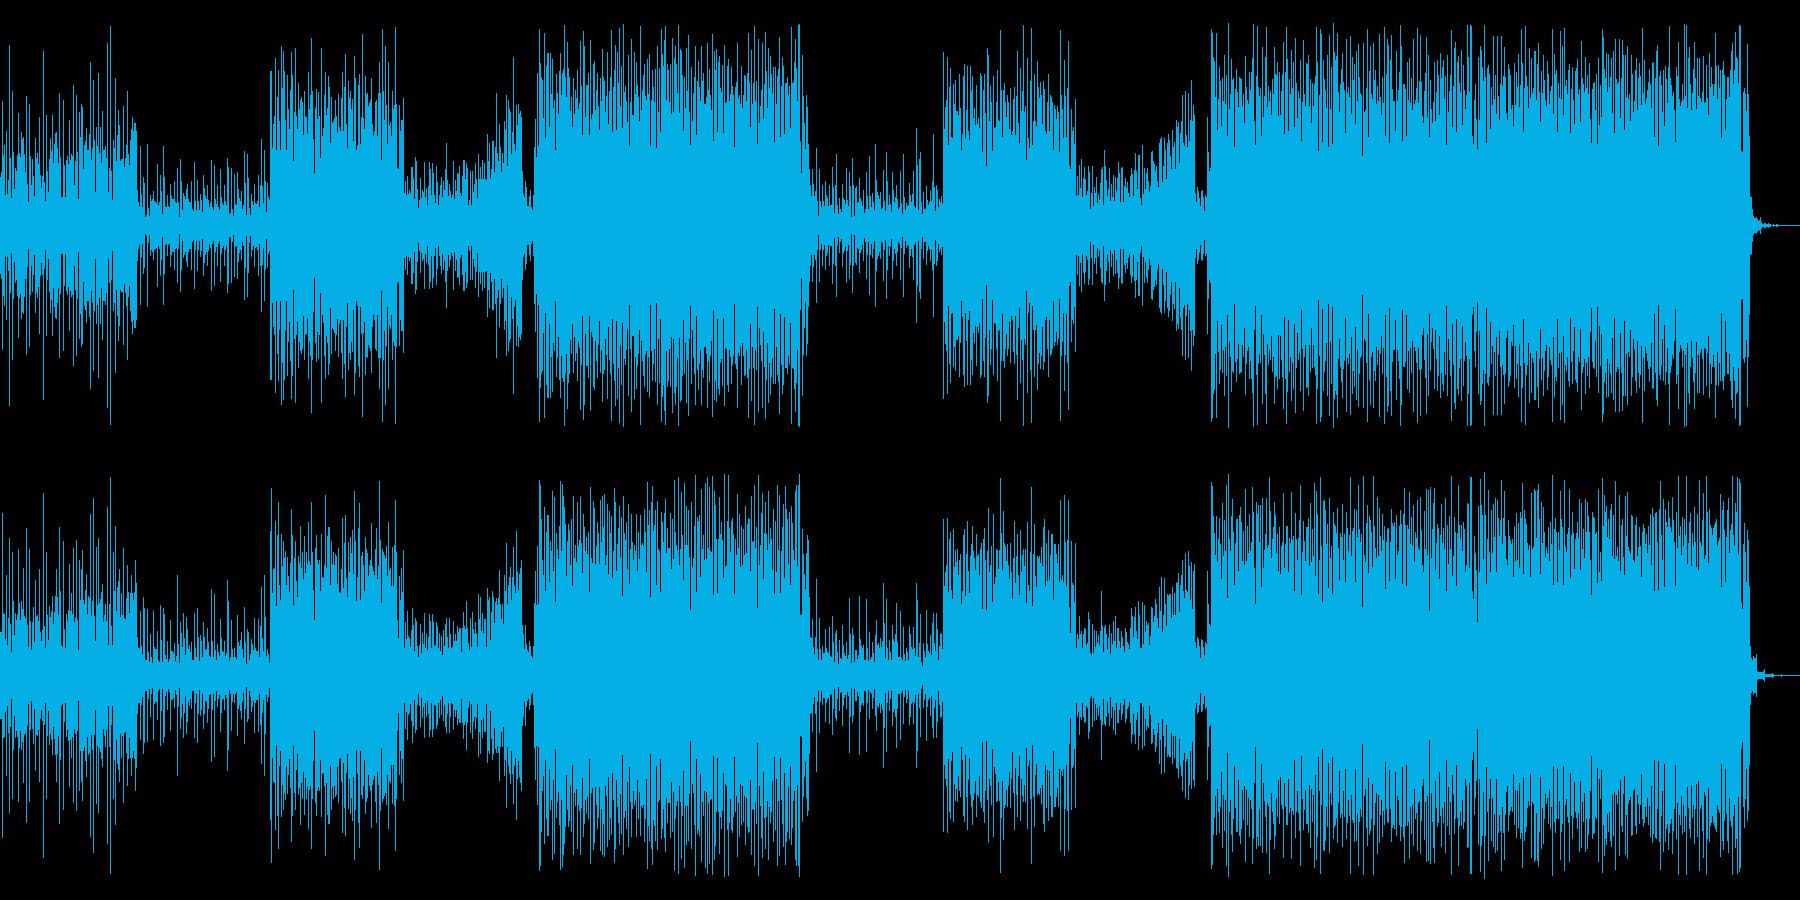 洋楽トレンドセツナ系トロピカルハウスの再生済みの波形